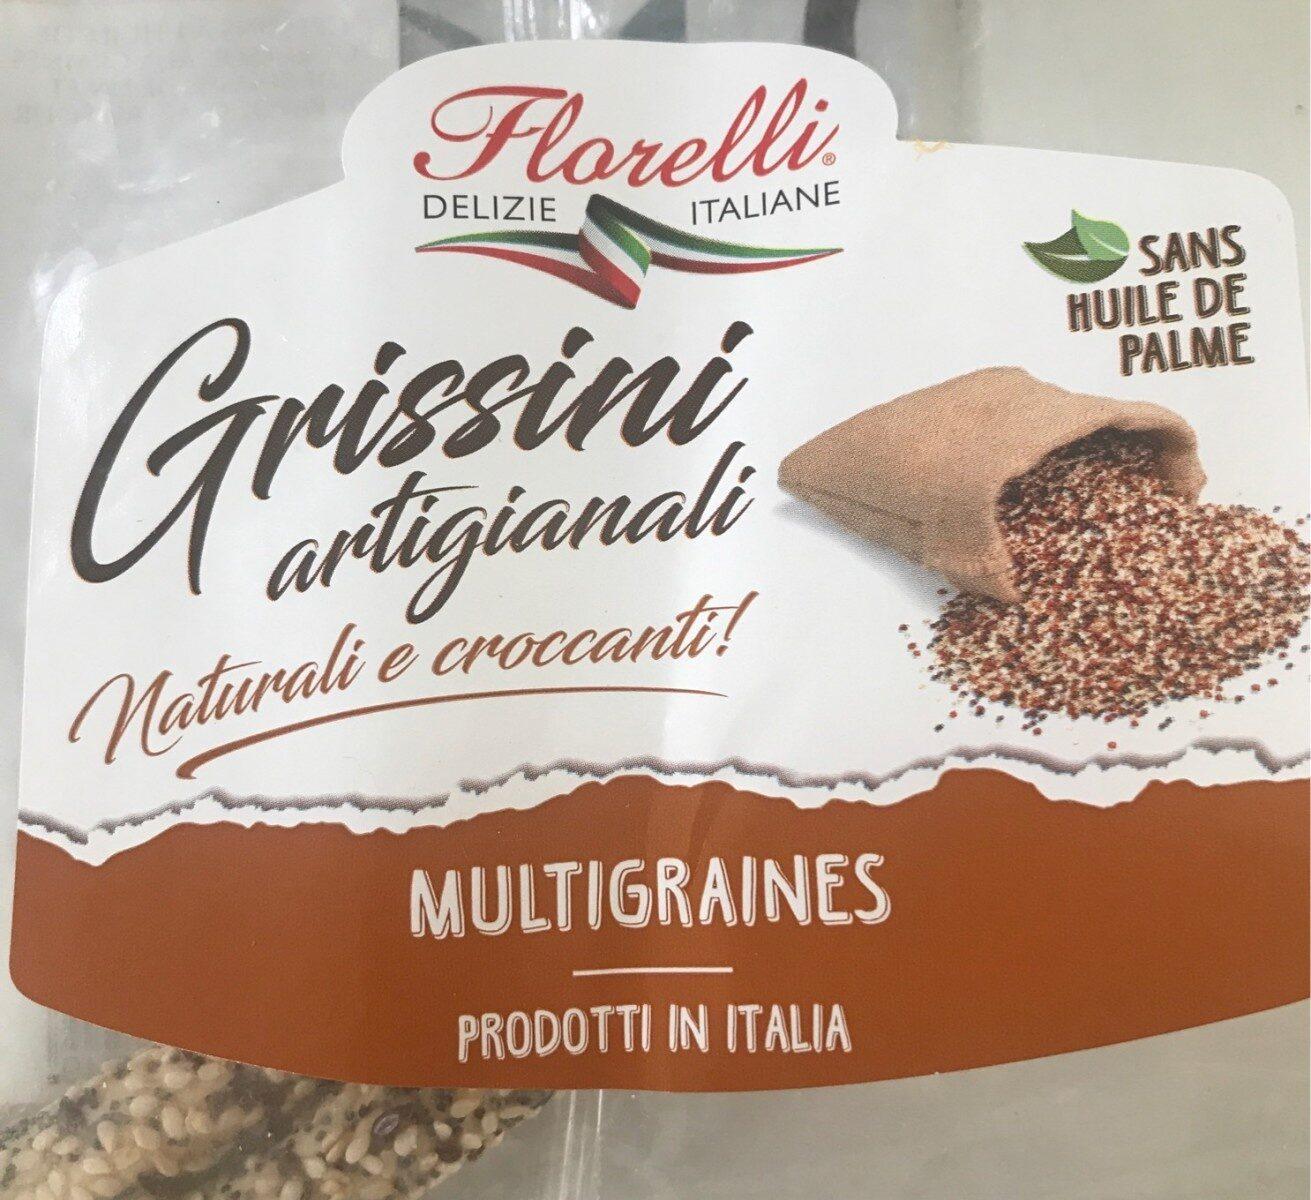 Grissini artigianali - Florelli Delizie Italiane - Multigraines - Product - fr